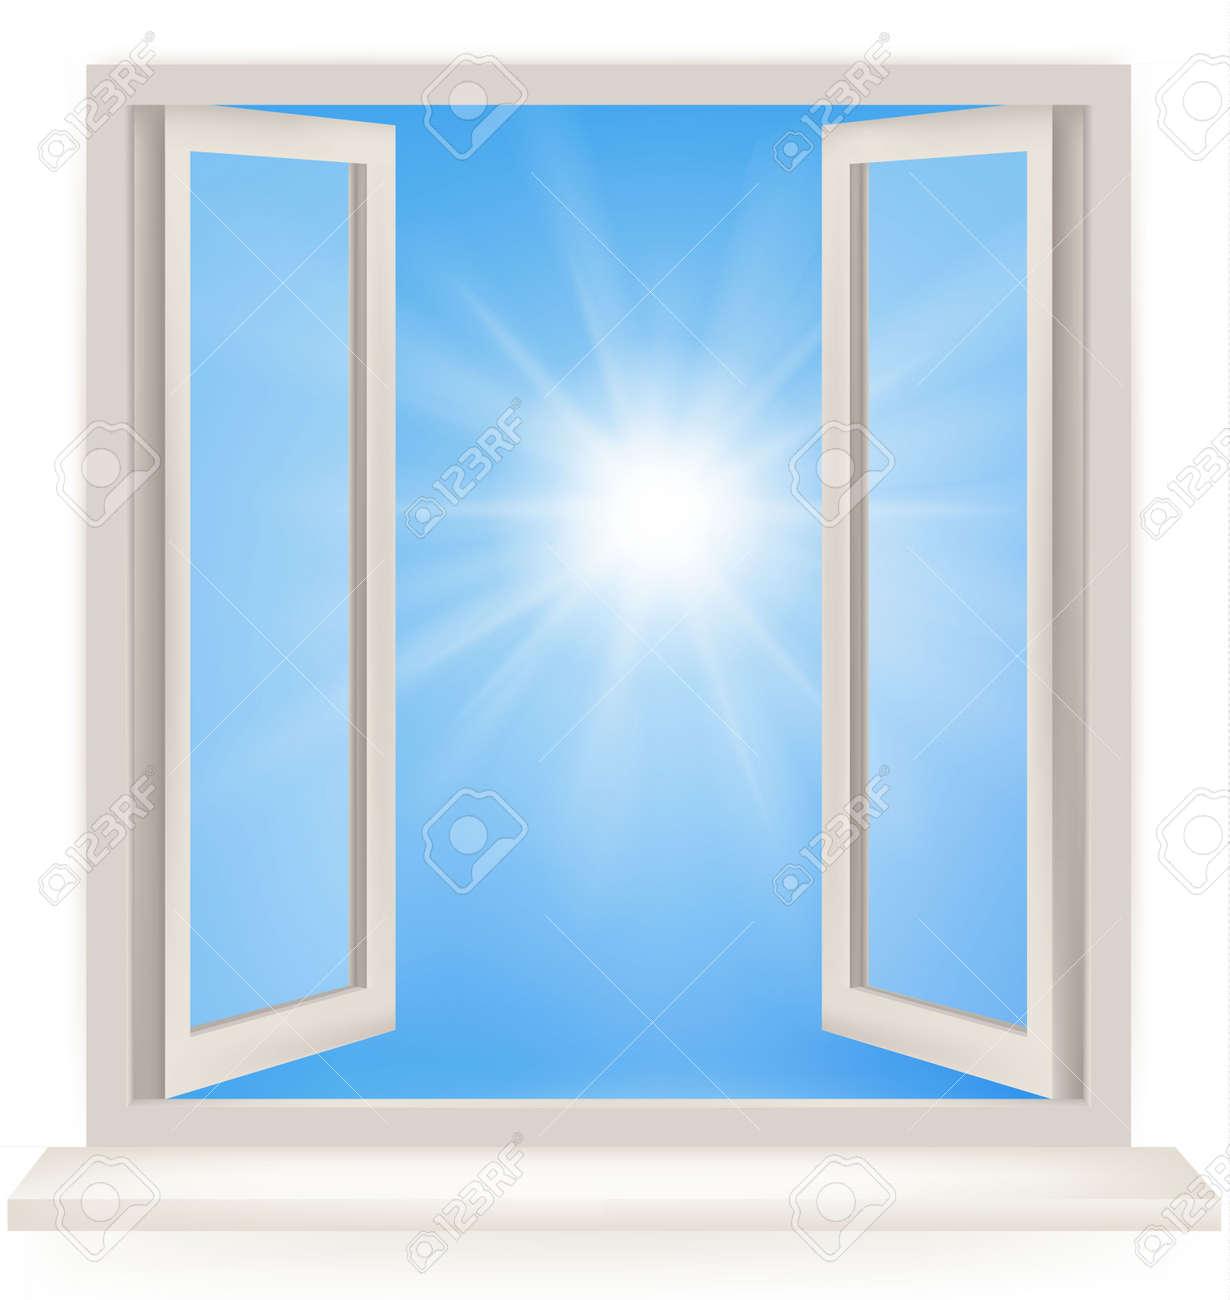 Offenes fenster von außen  Offene Fenster Gegen Eine Weiße Wand Und Den Bewölkten Himmel Und ...